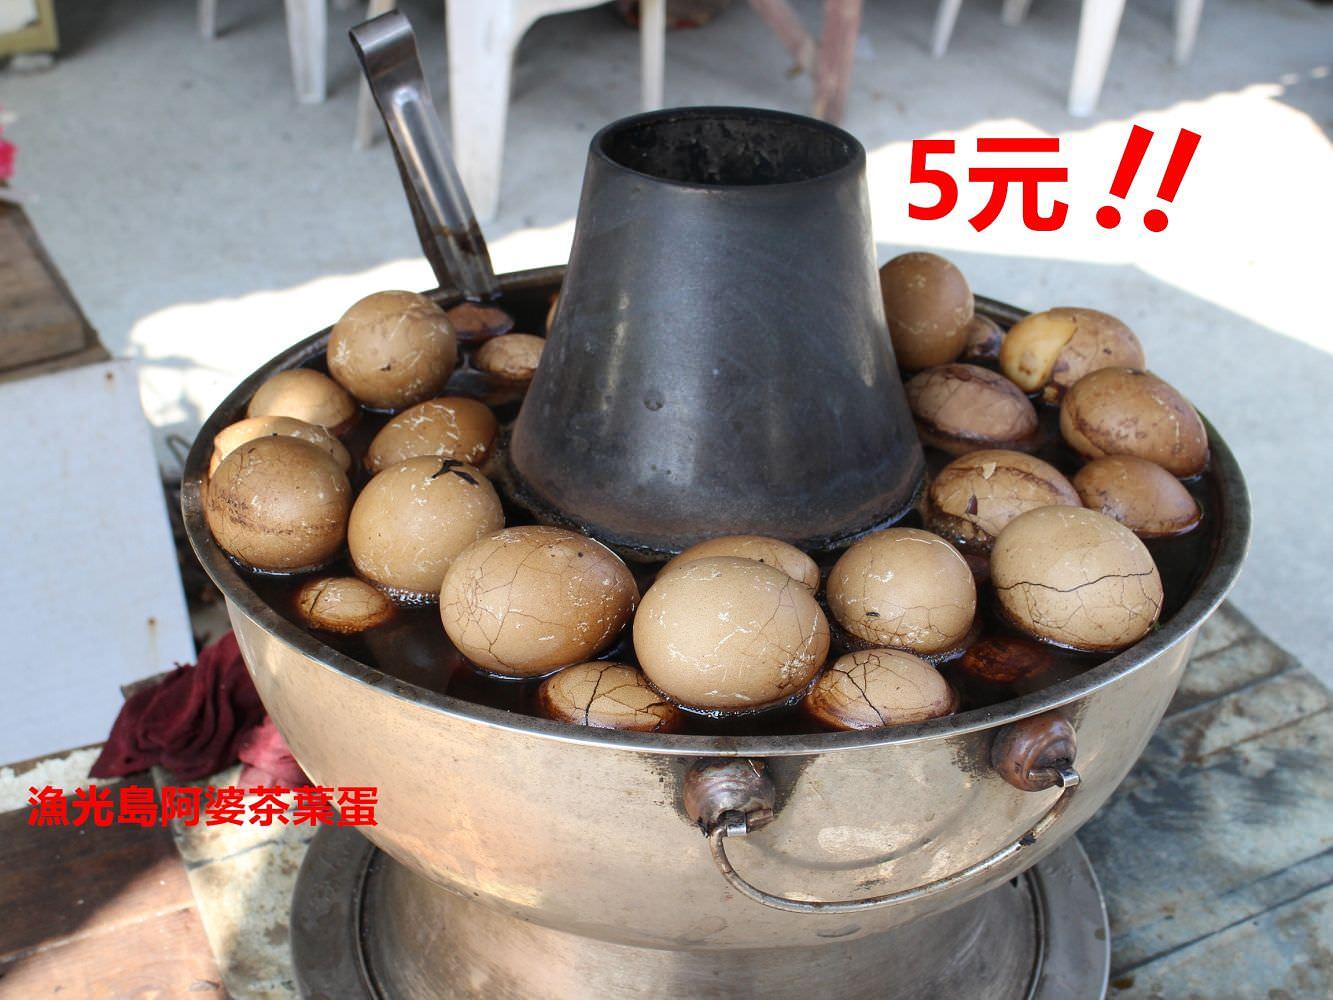 台南美食︱漁光島5元阿婆茶葉蛋:5元啦,十多年未漲價,用柴火煮的,超香的啦